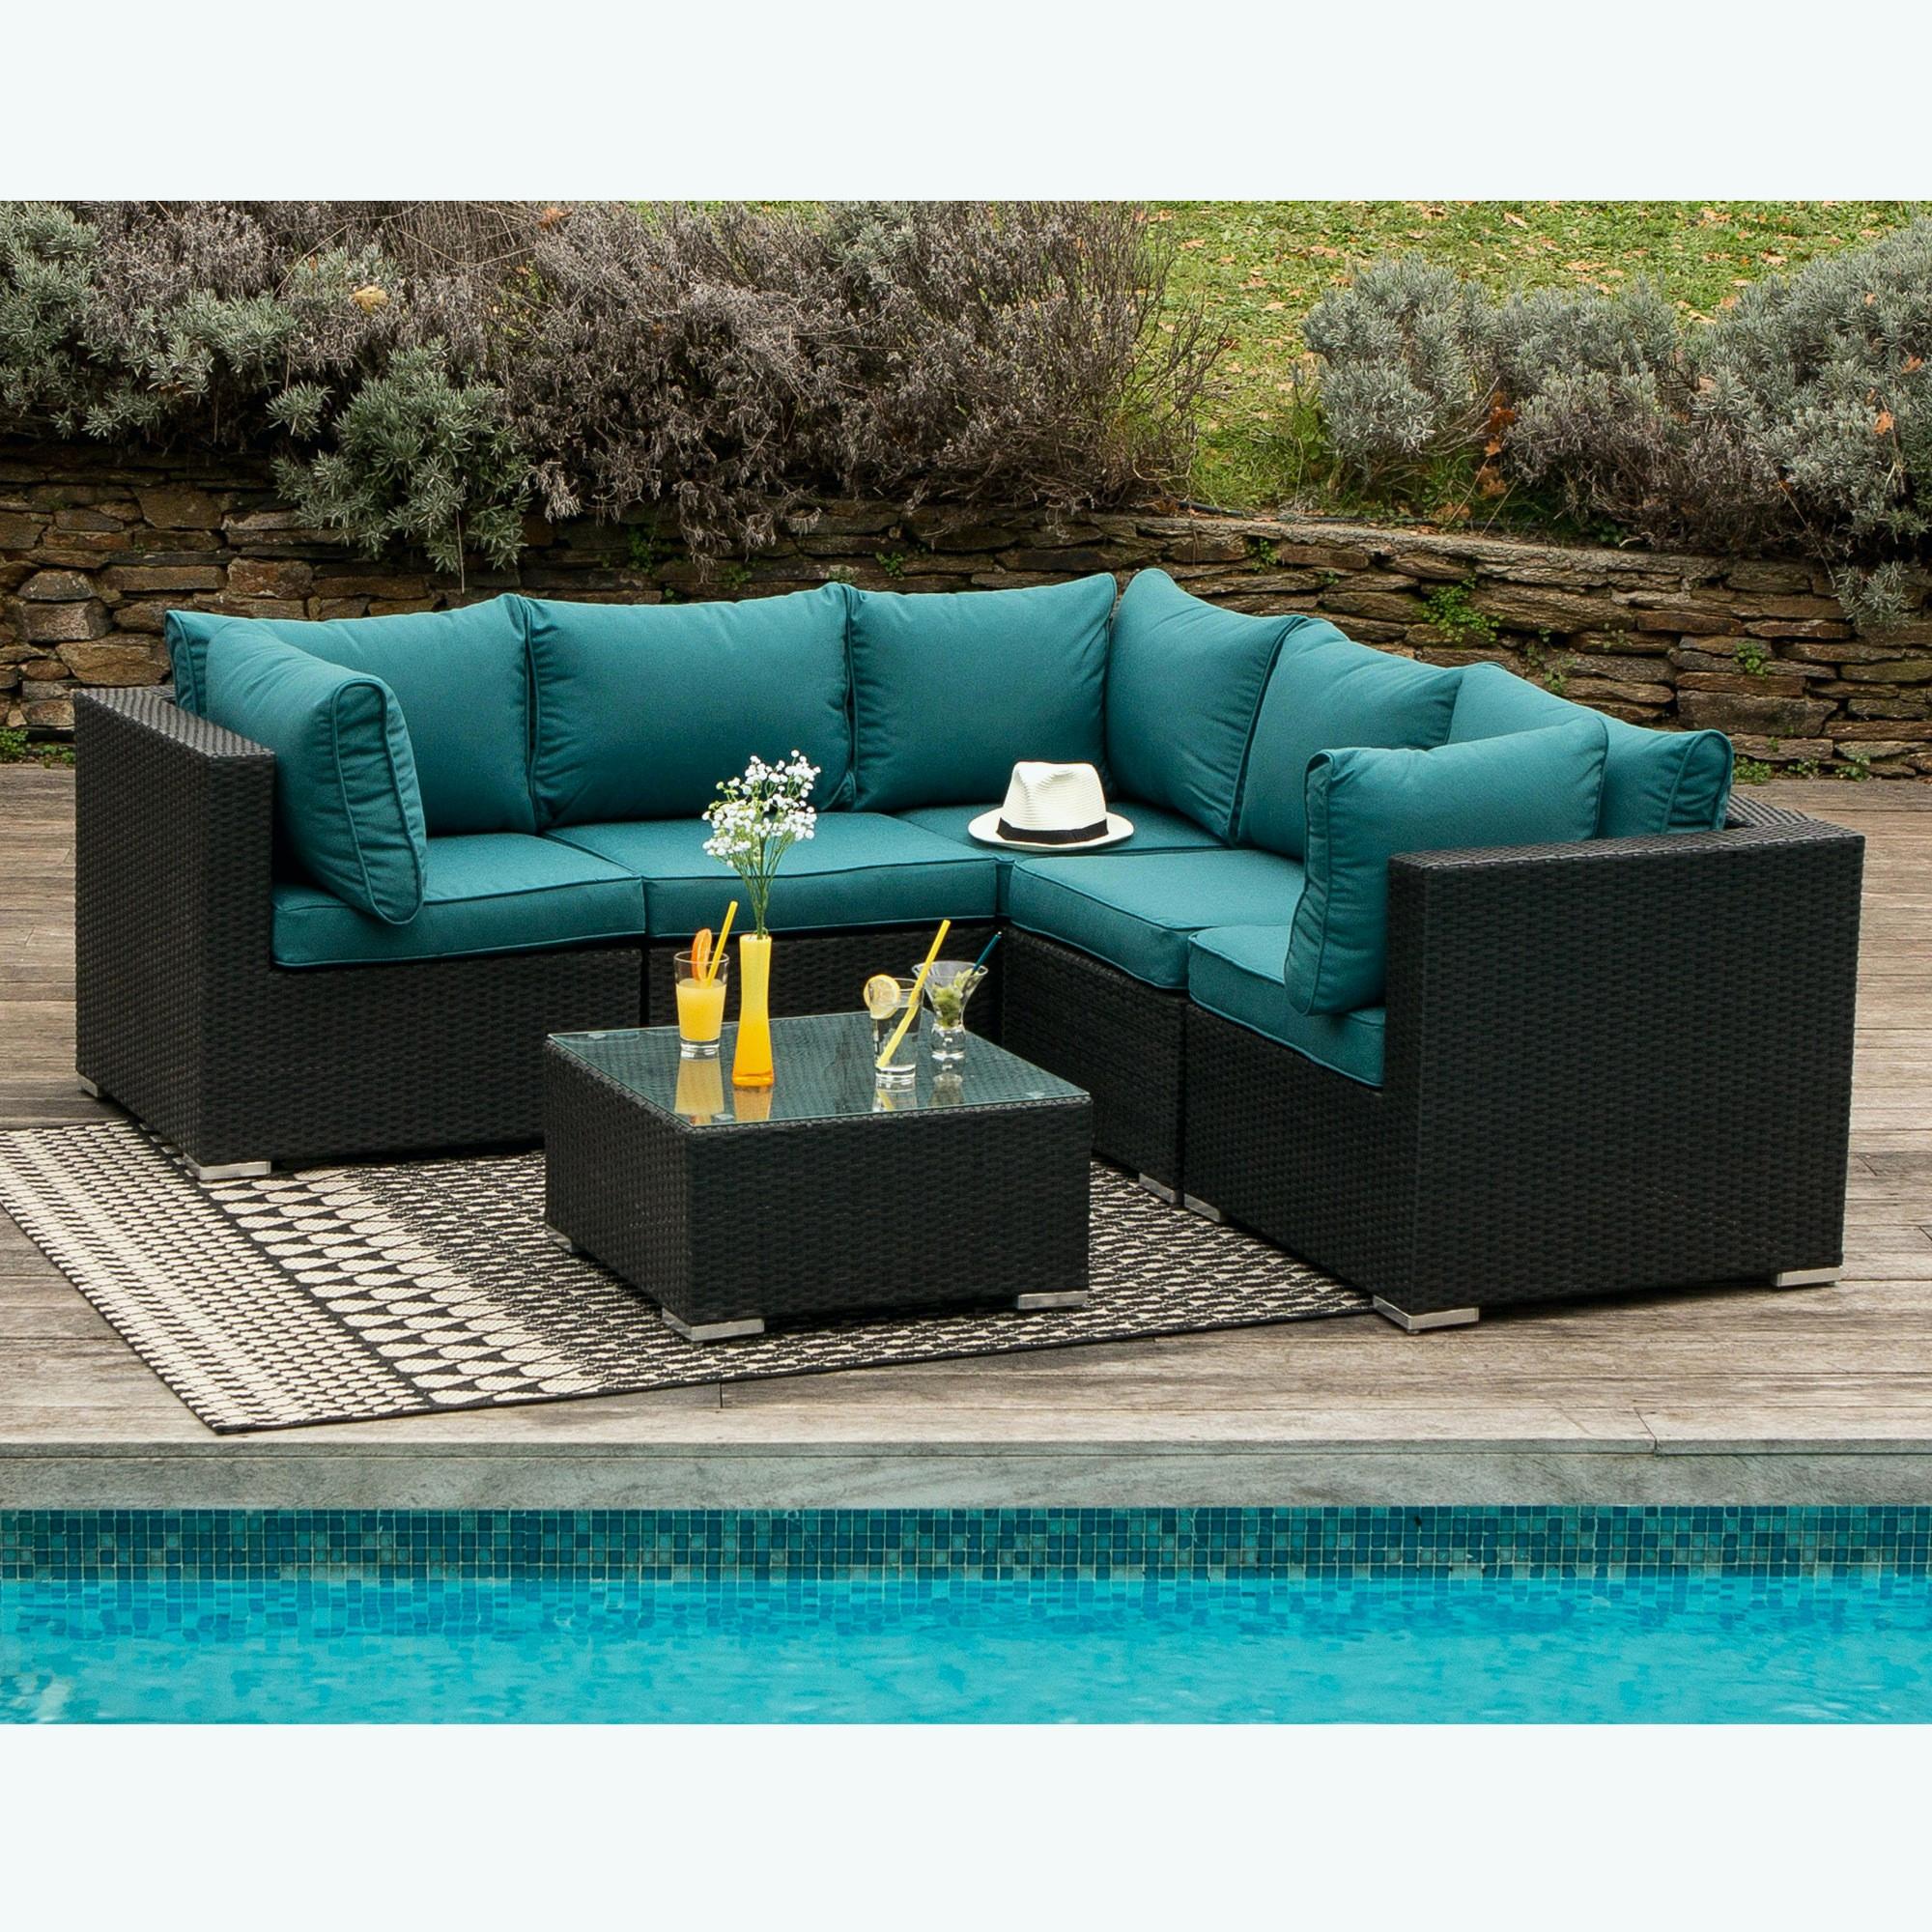 canape angle exterieur beau salon jardin en resine meilleur de canape d angle exterieur of canape angle exterieur